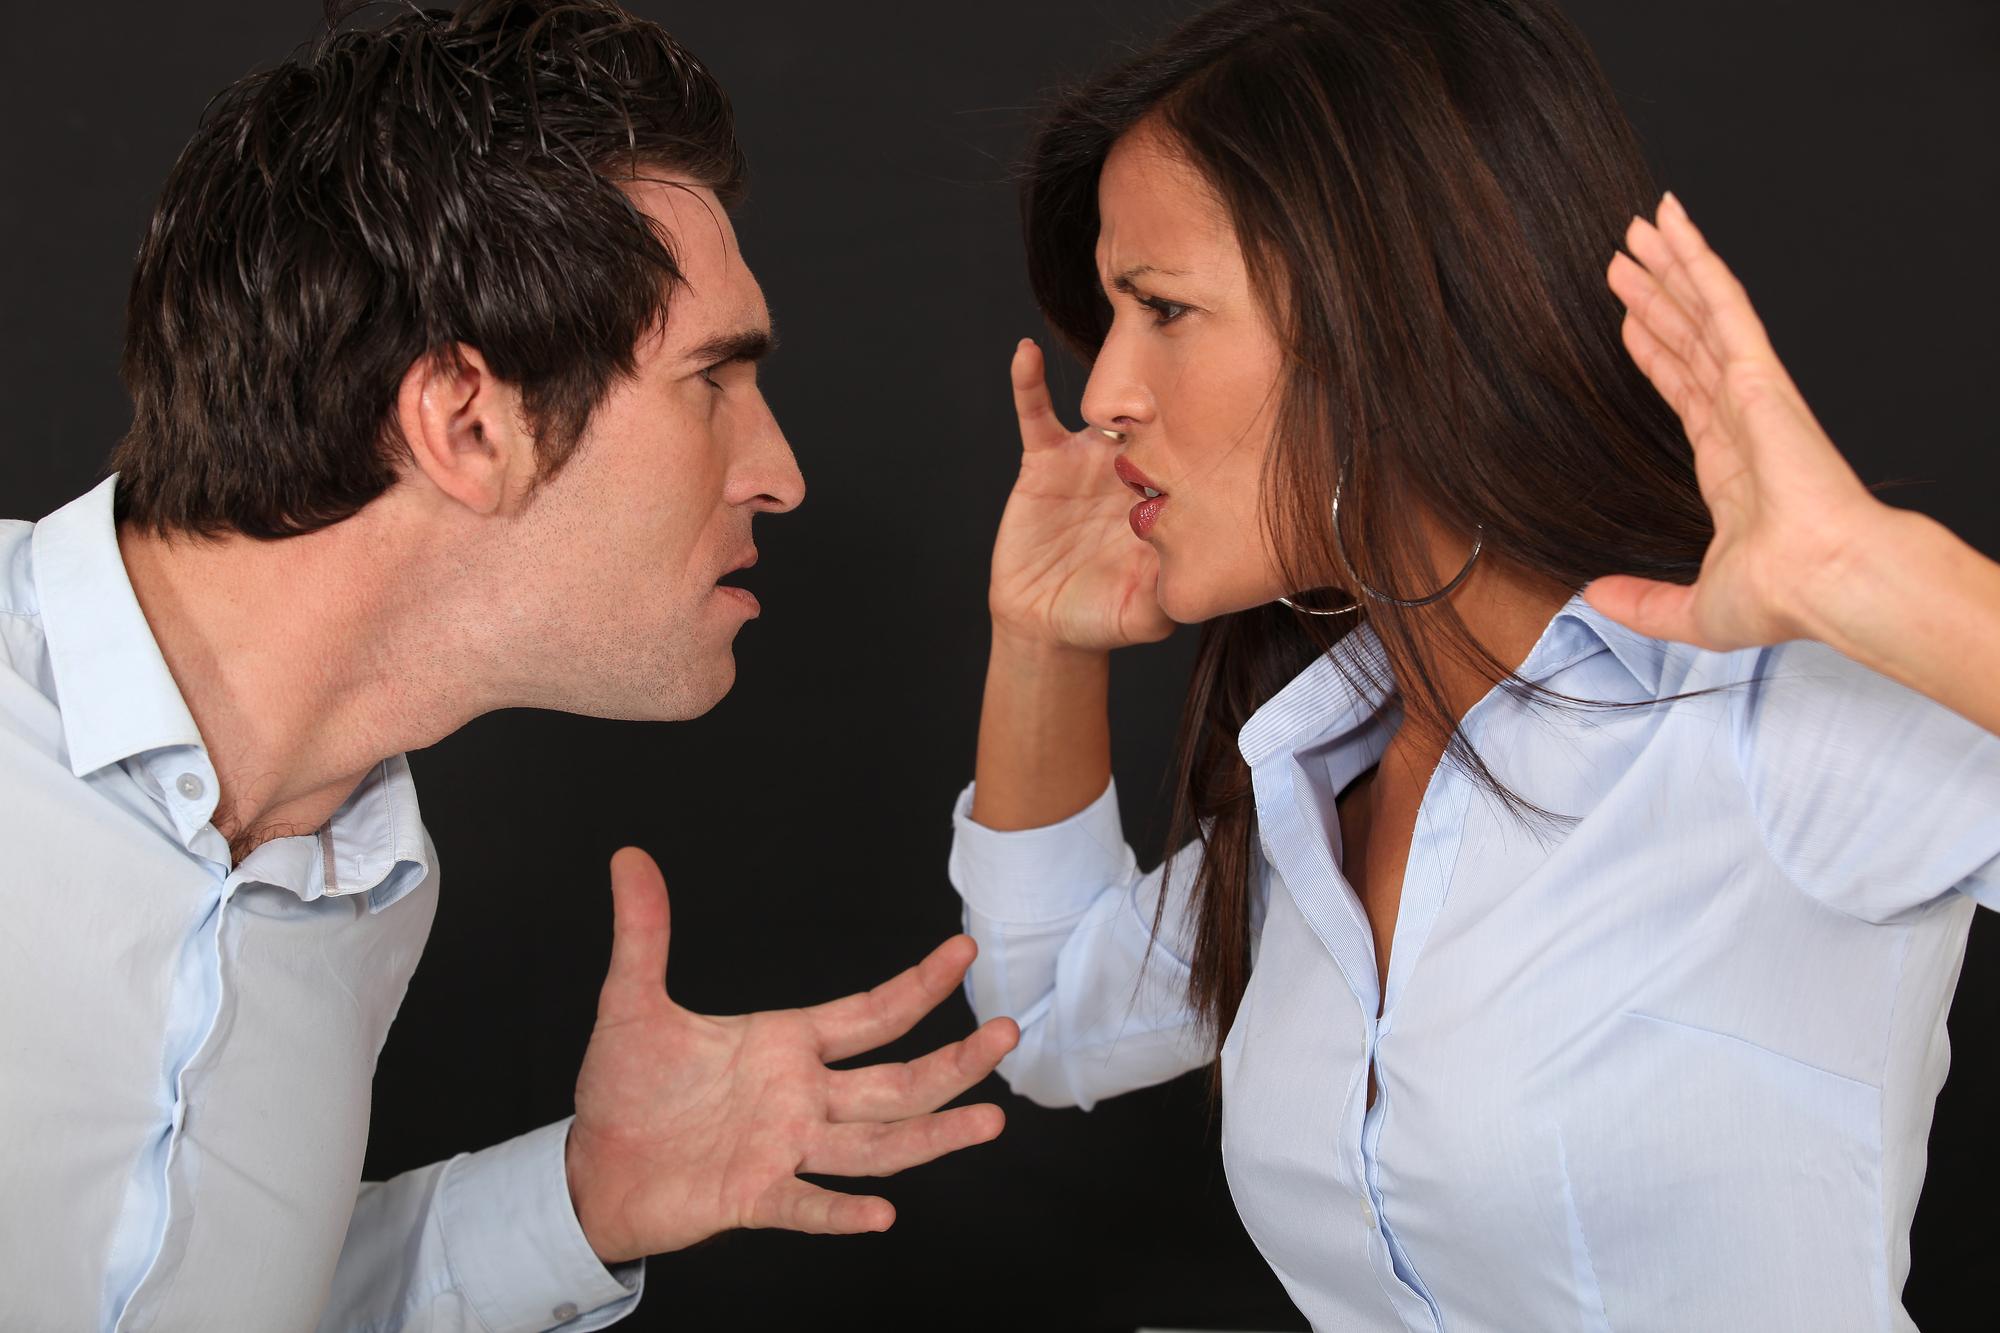 Qué pasa cuando presentas cargos por violencia doméstica